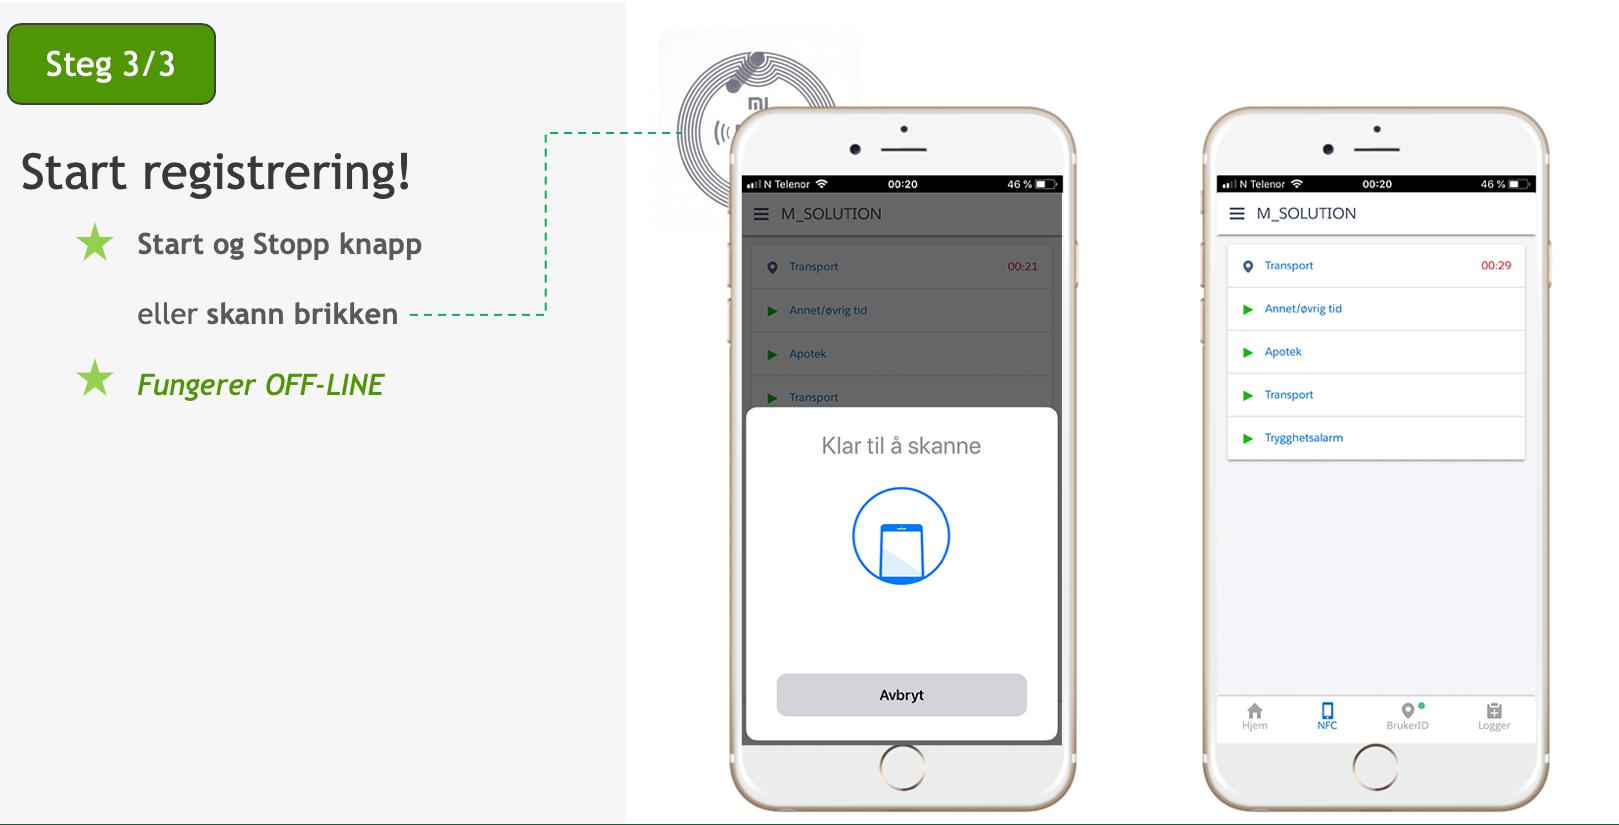 Man starter registrering ved å logge inn i APPen og trykke START & STOPP eller man fester NFC (near field communication) brikker og skanner disse. APPen fungerer også OFF-LINE og vil synkronisere når man får tilgang til nett.